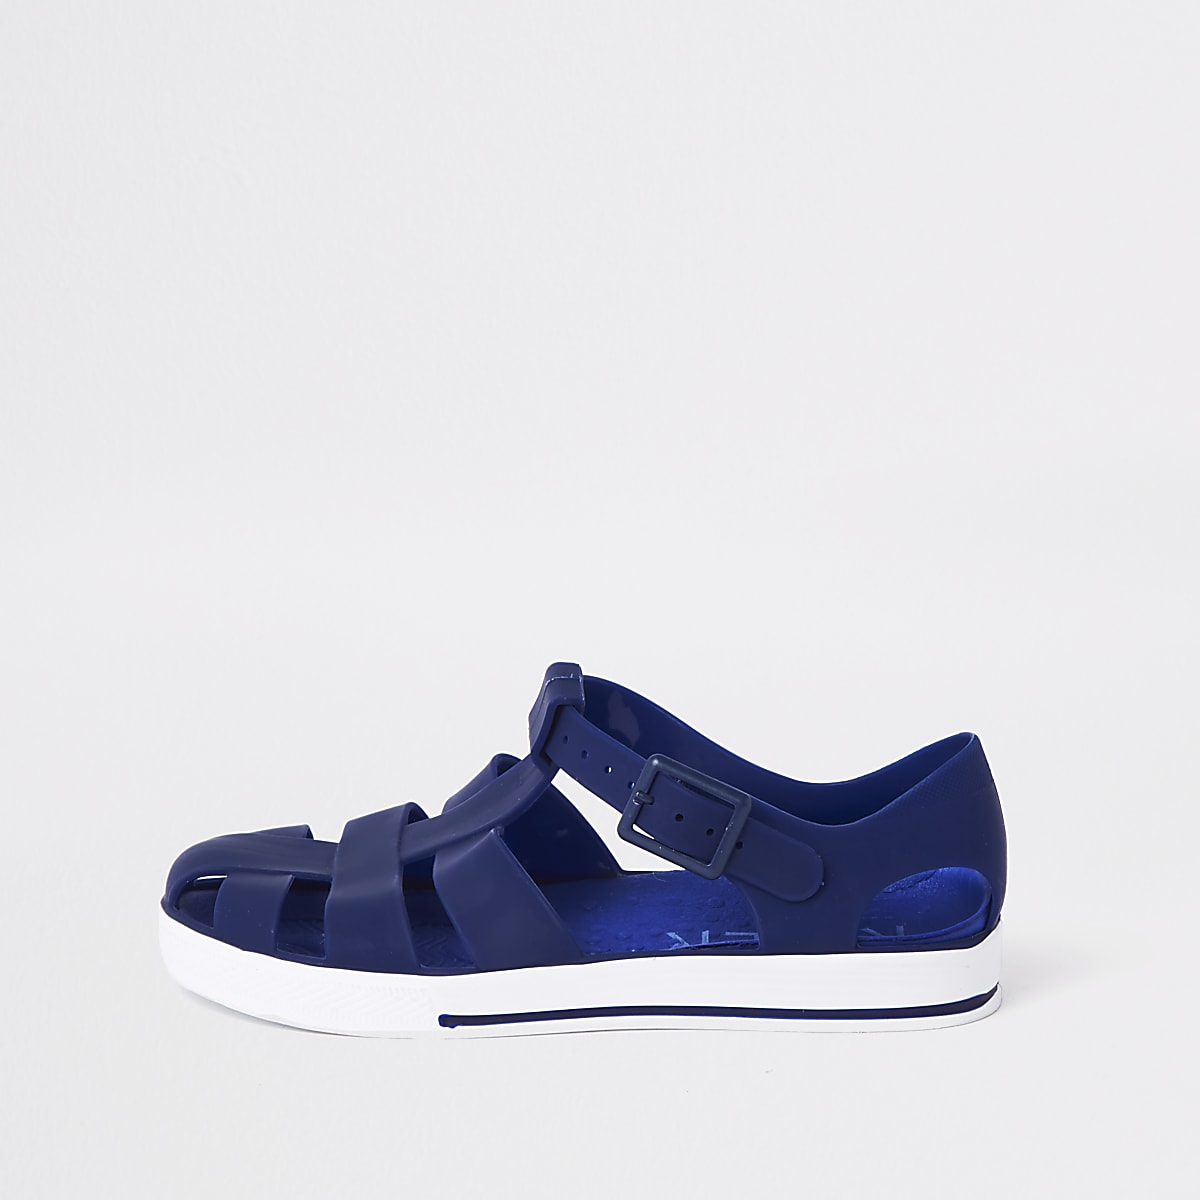 Sandales en caoutchouc bleu marine pour garçon